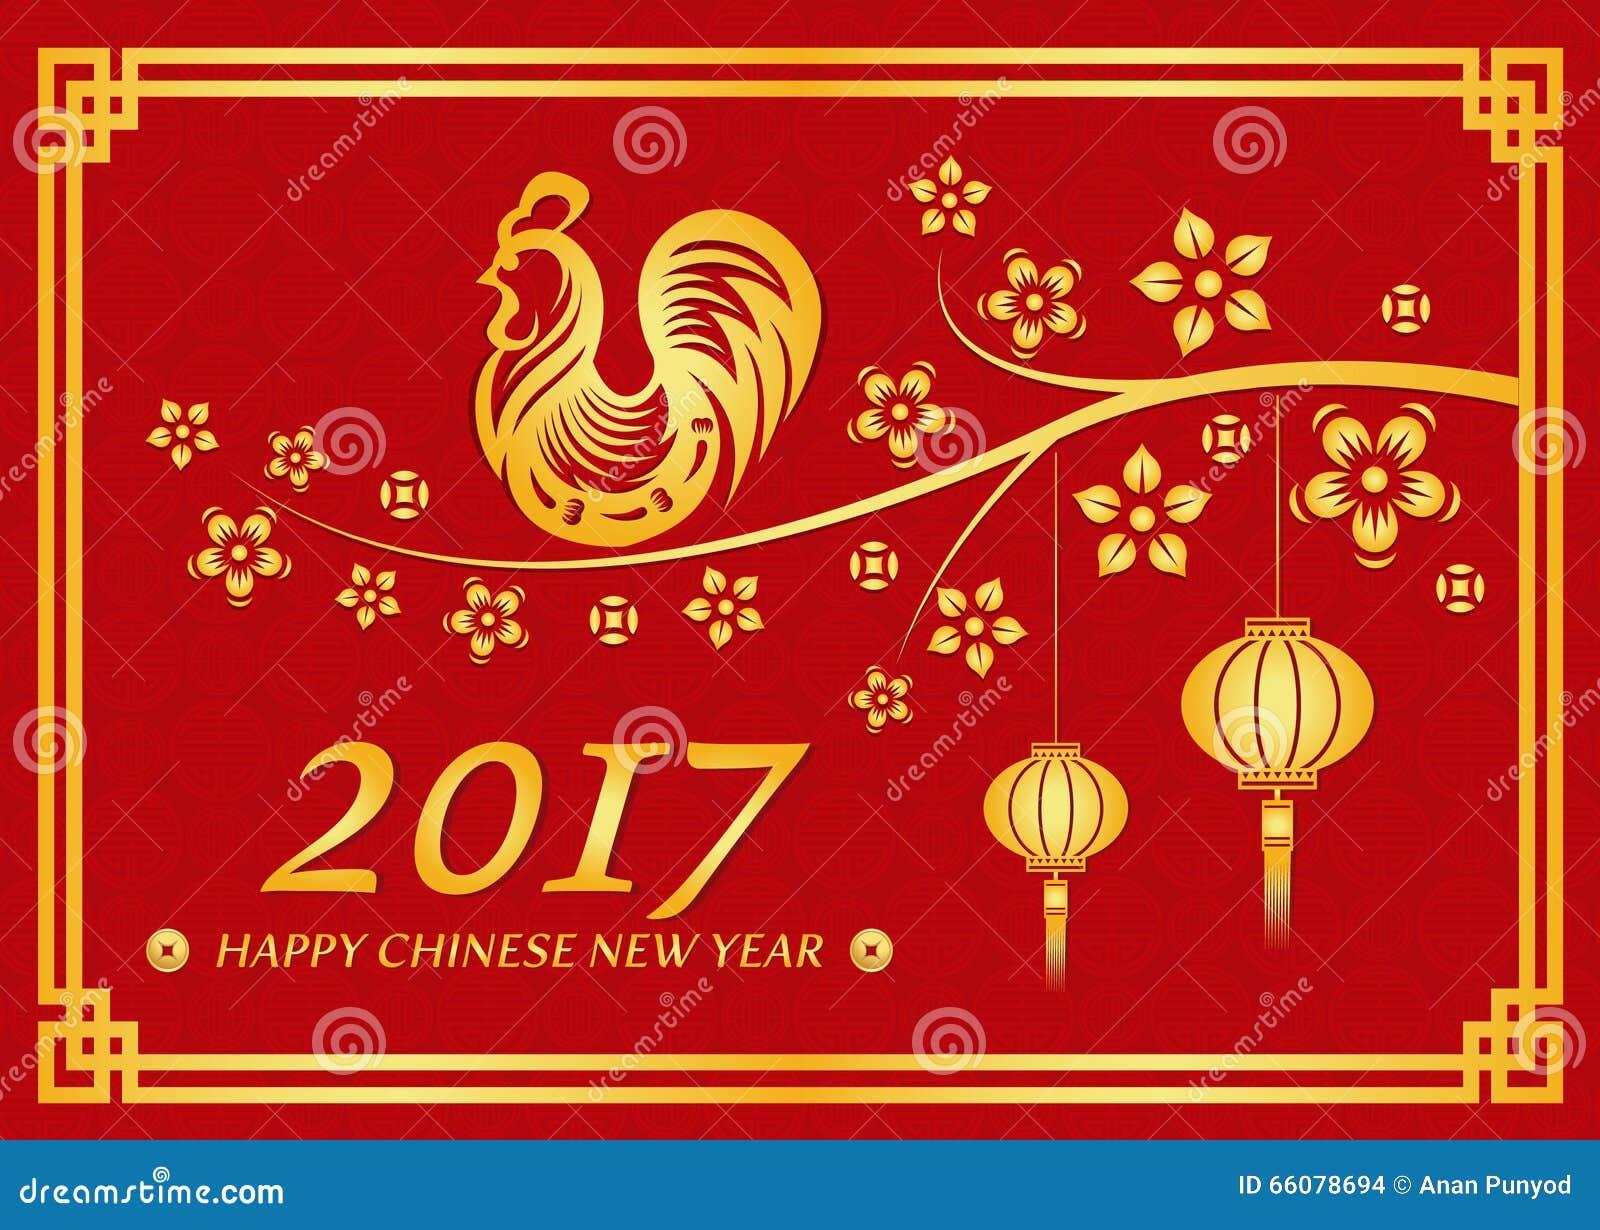 Открытки на китайский новый 2017 год